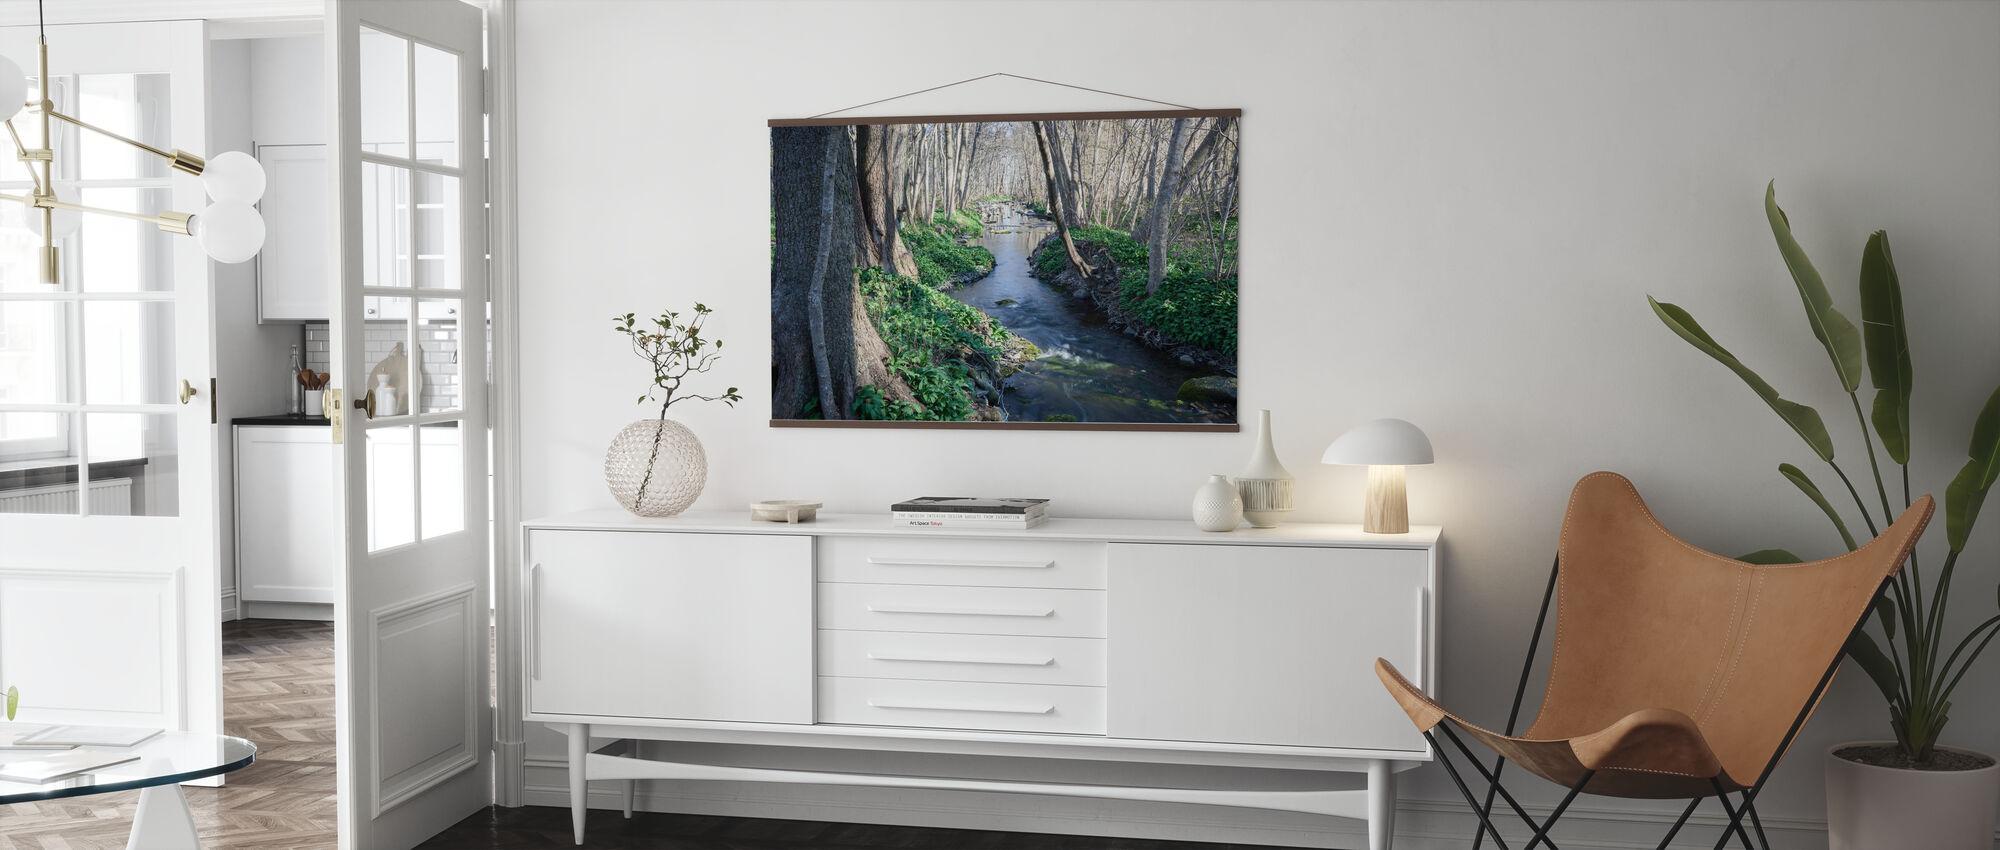 Frühling Fluss - Poster - Wohnzimmer